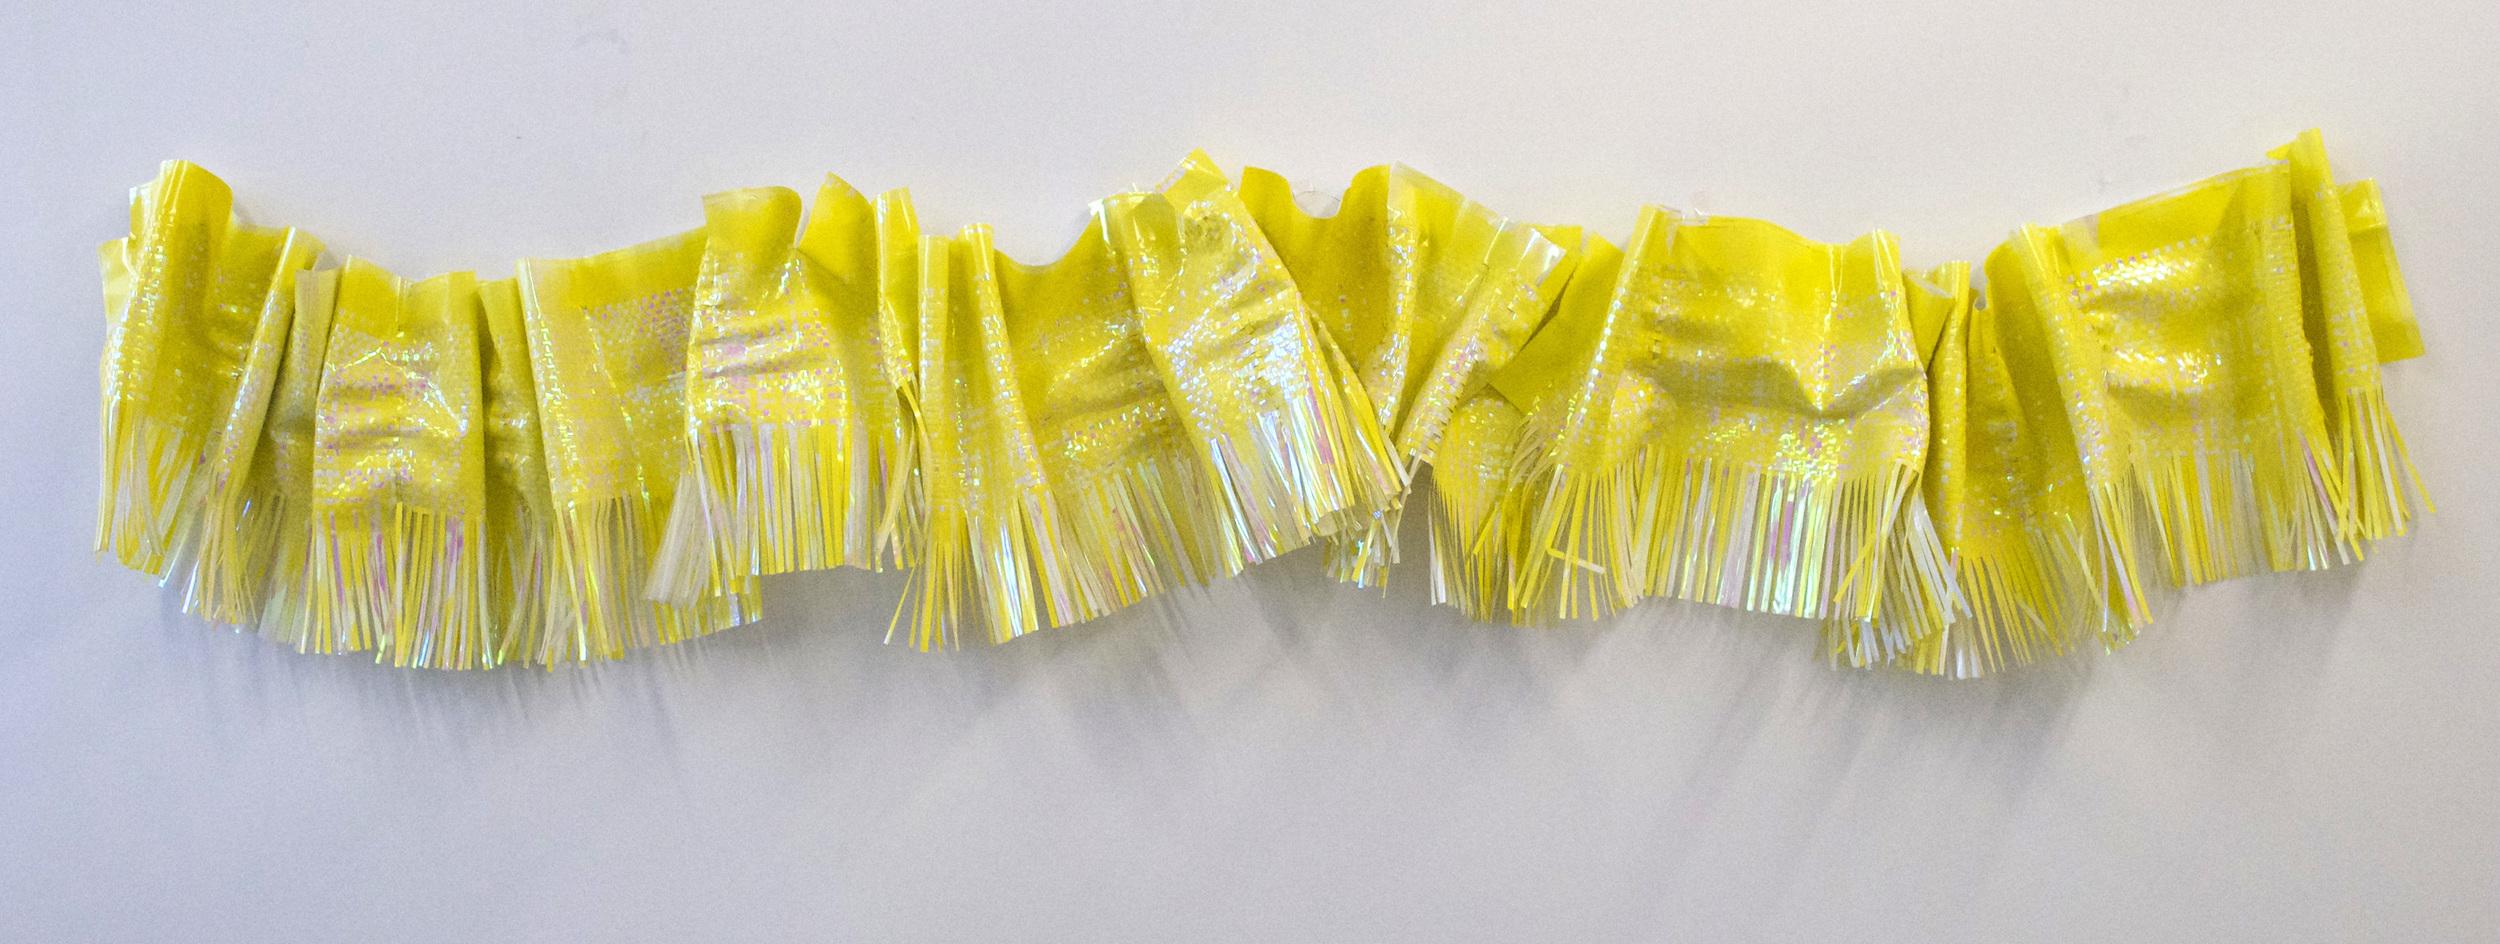 canary_yellow_narrow_image_web.jpg